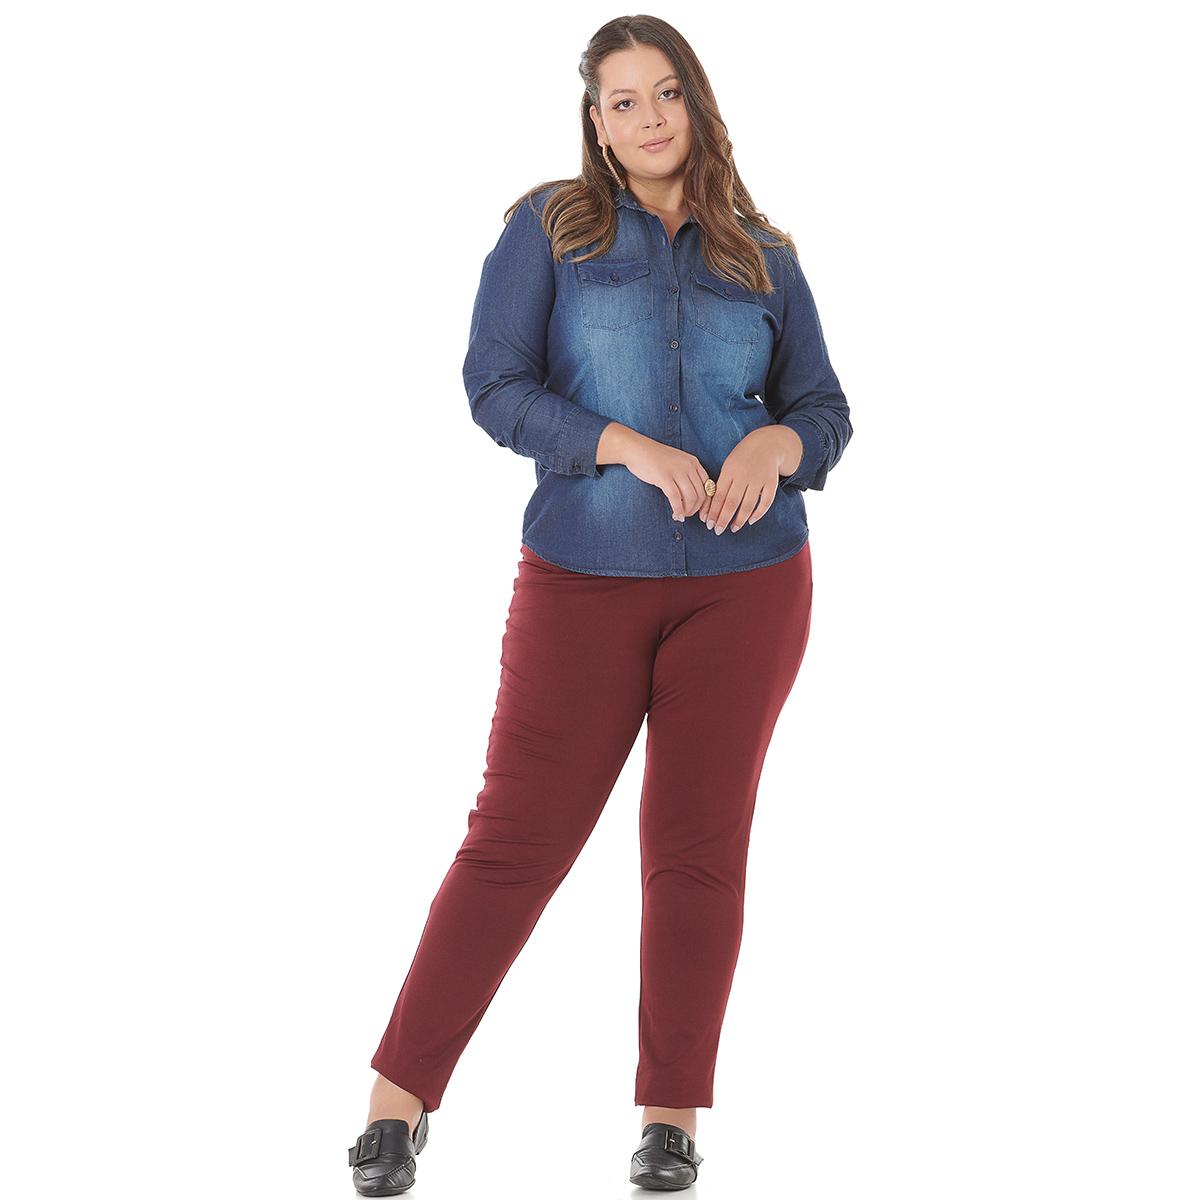 Camisa Camisete Feminino Plus Size Jeans 4004